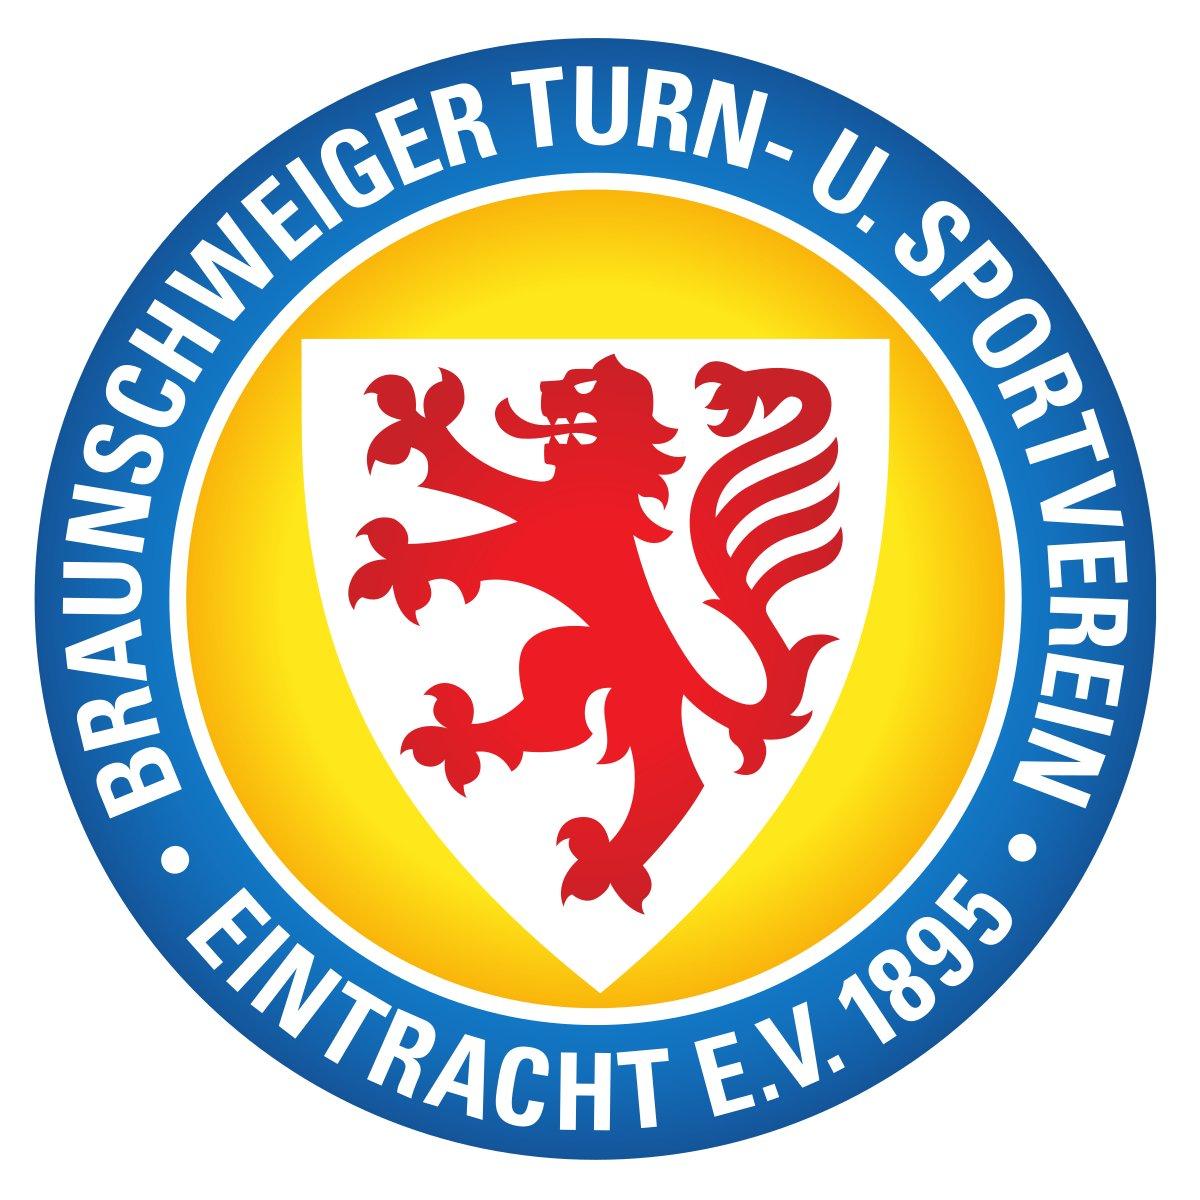 Duisburg